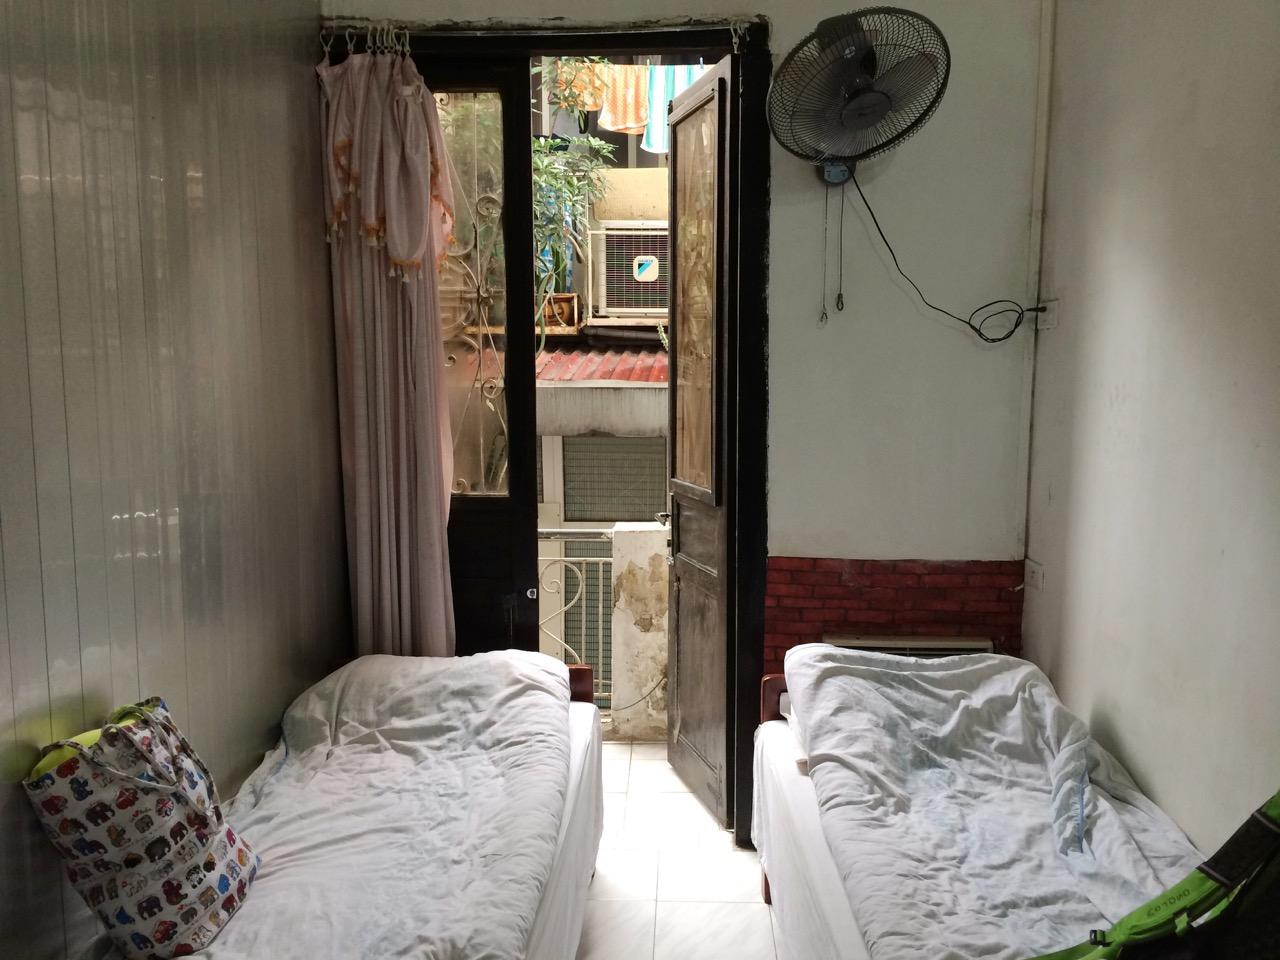 Путешествие по Вьетнаму, Ханой: Комната, которую мы очень долго ждали